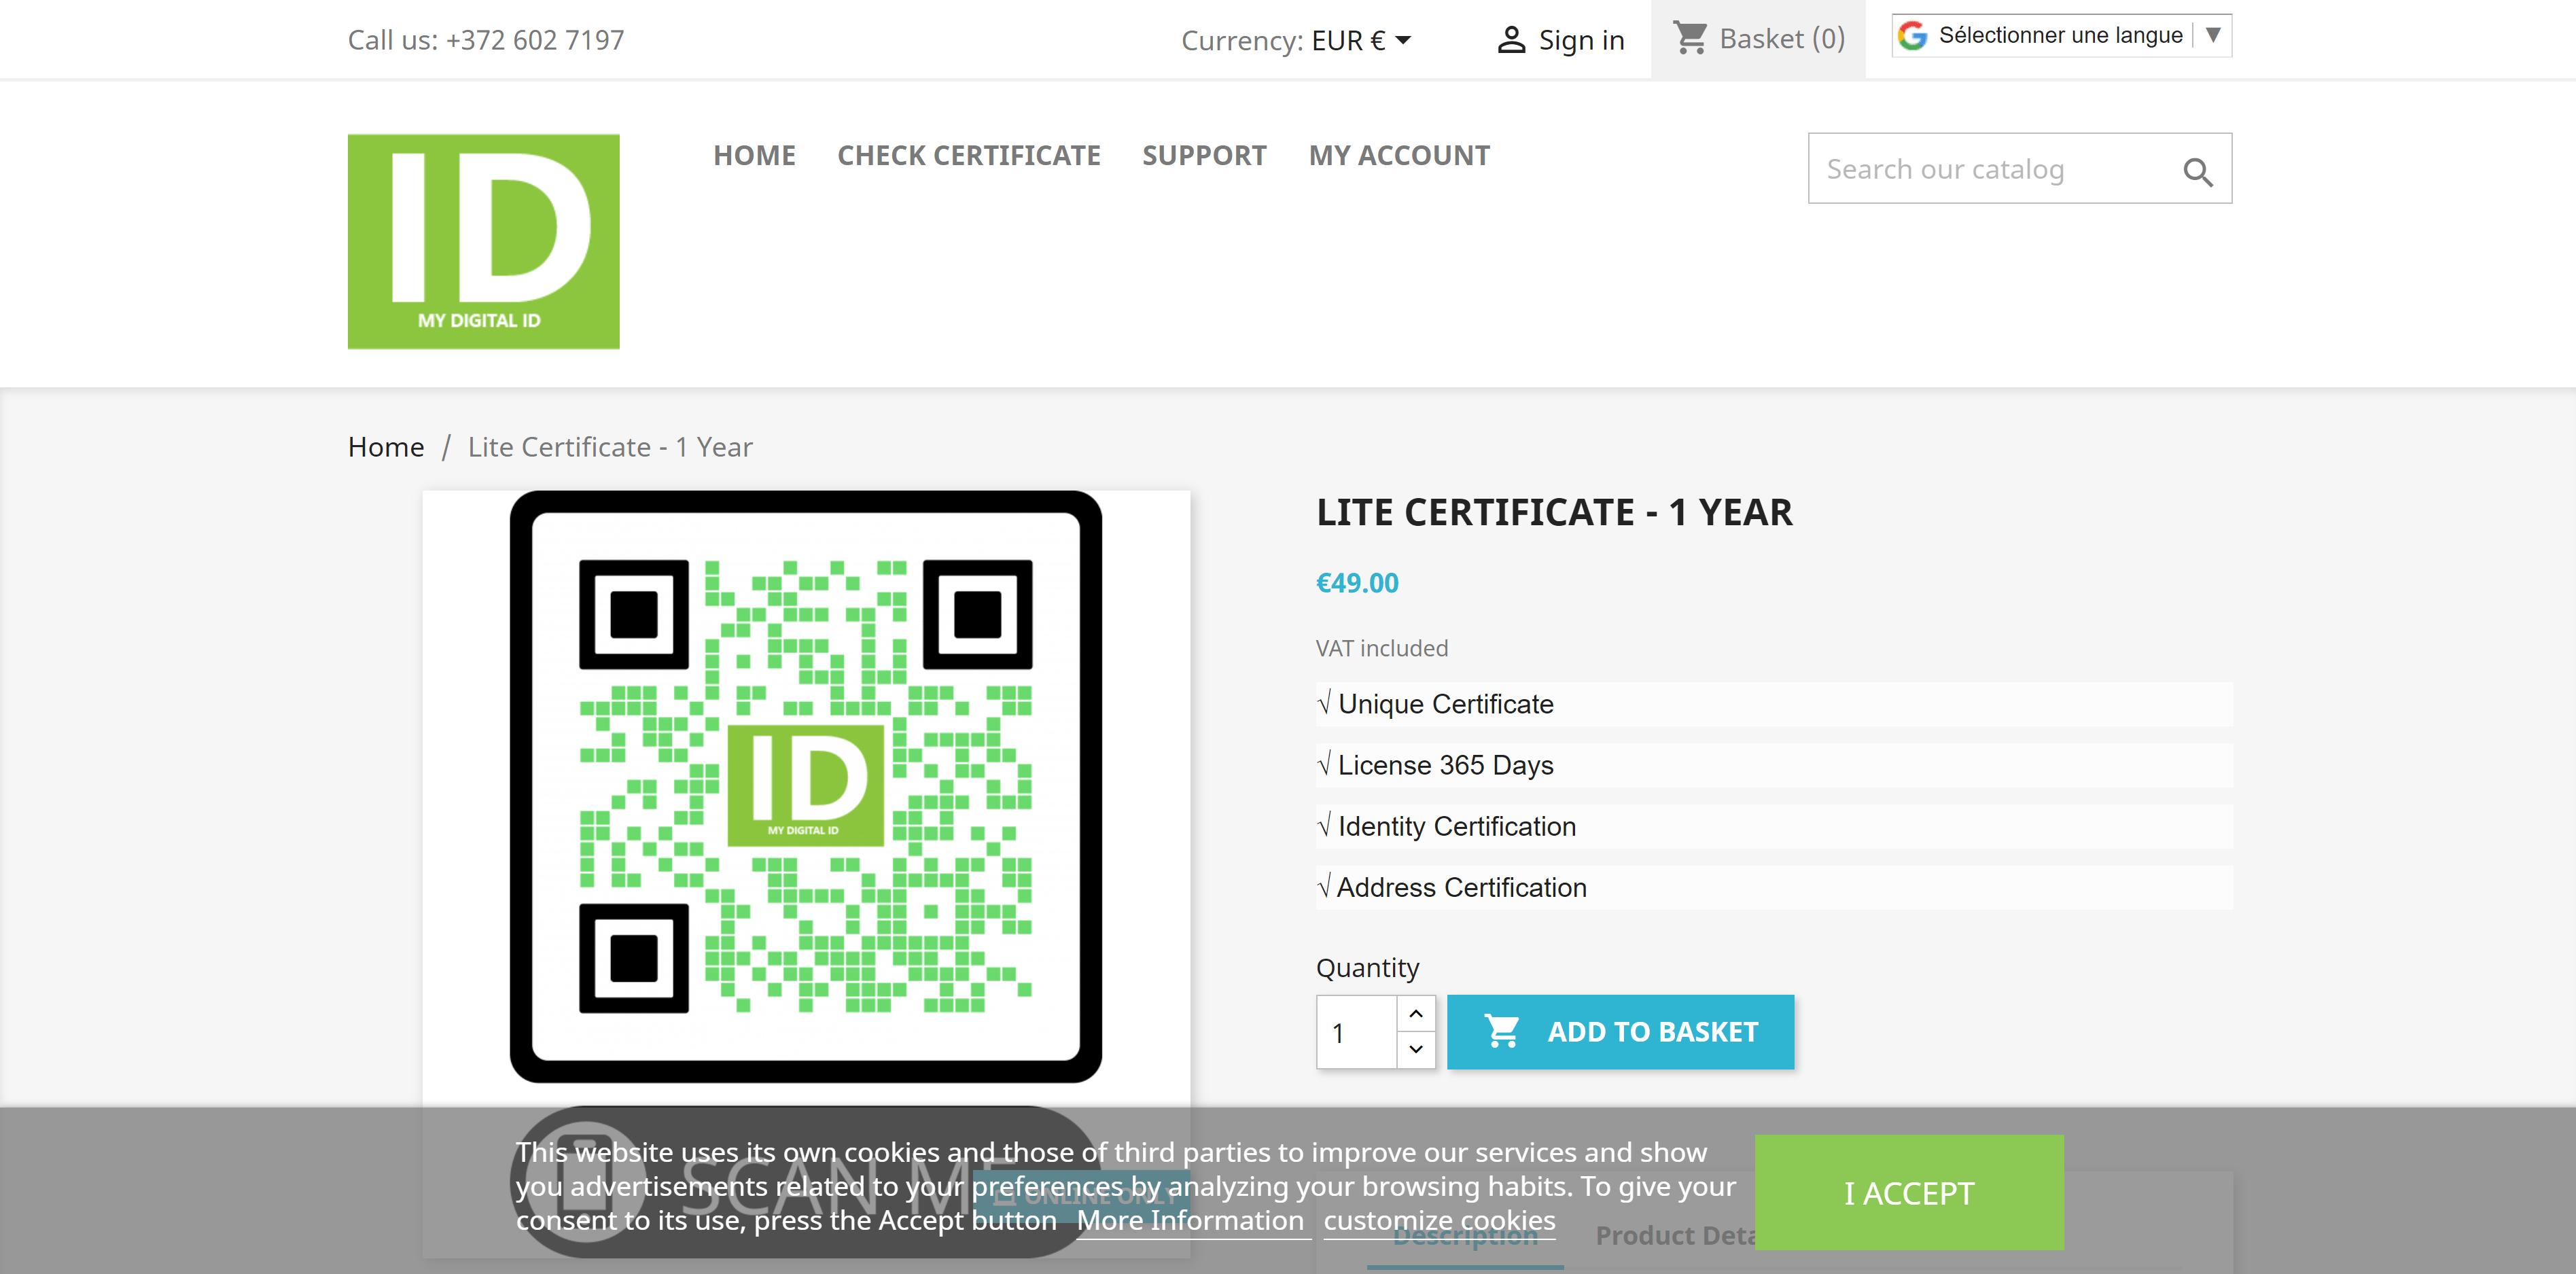 QR कोड डिजिटल आइडेंटिटी सर्टिफिकेशन Covid-19 डिजिटल पासपोर्ट डिस्कवर IDST वर्ल्ड